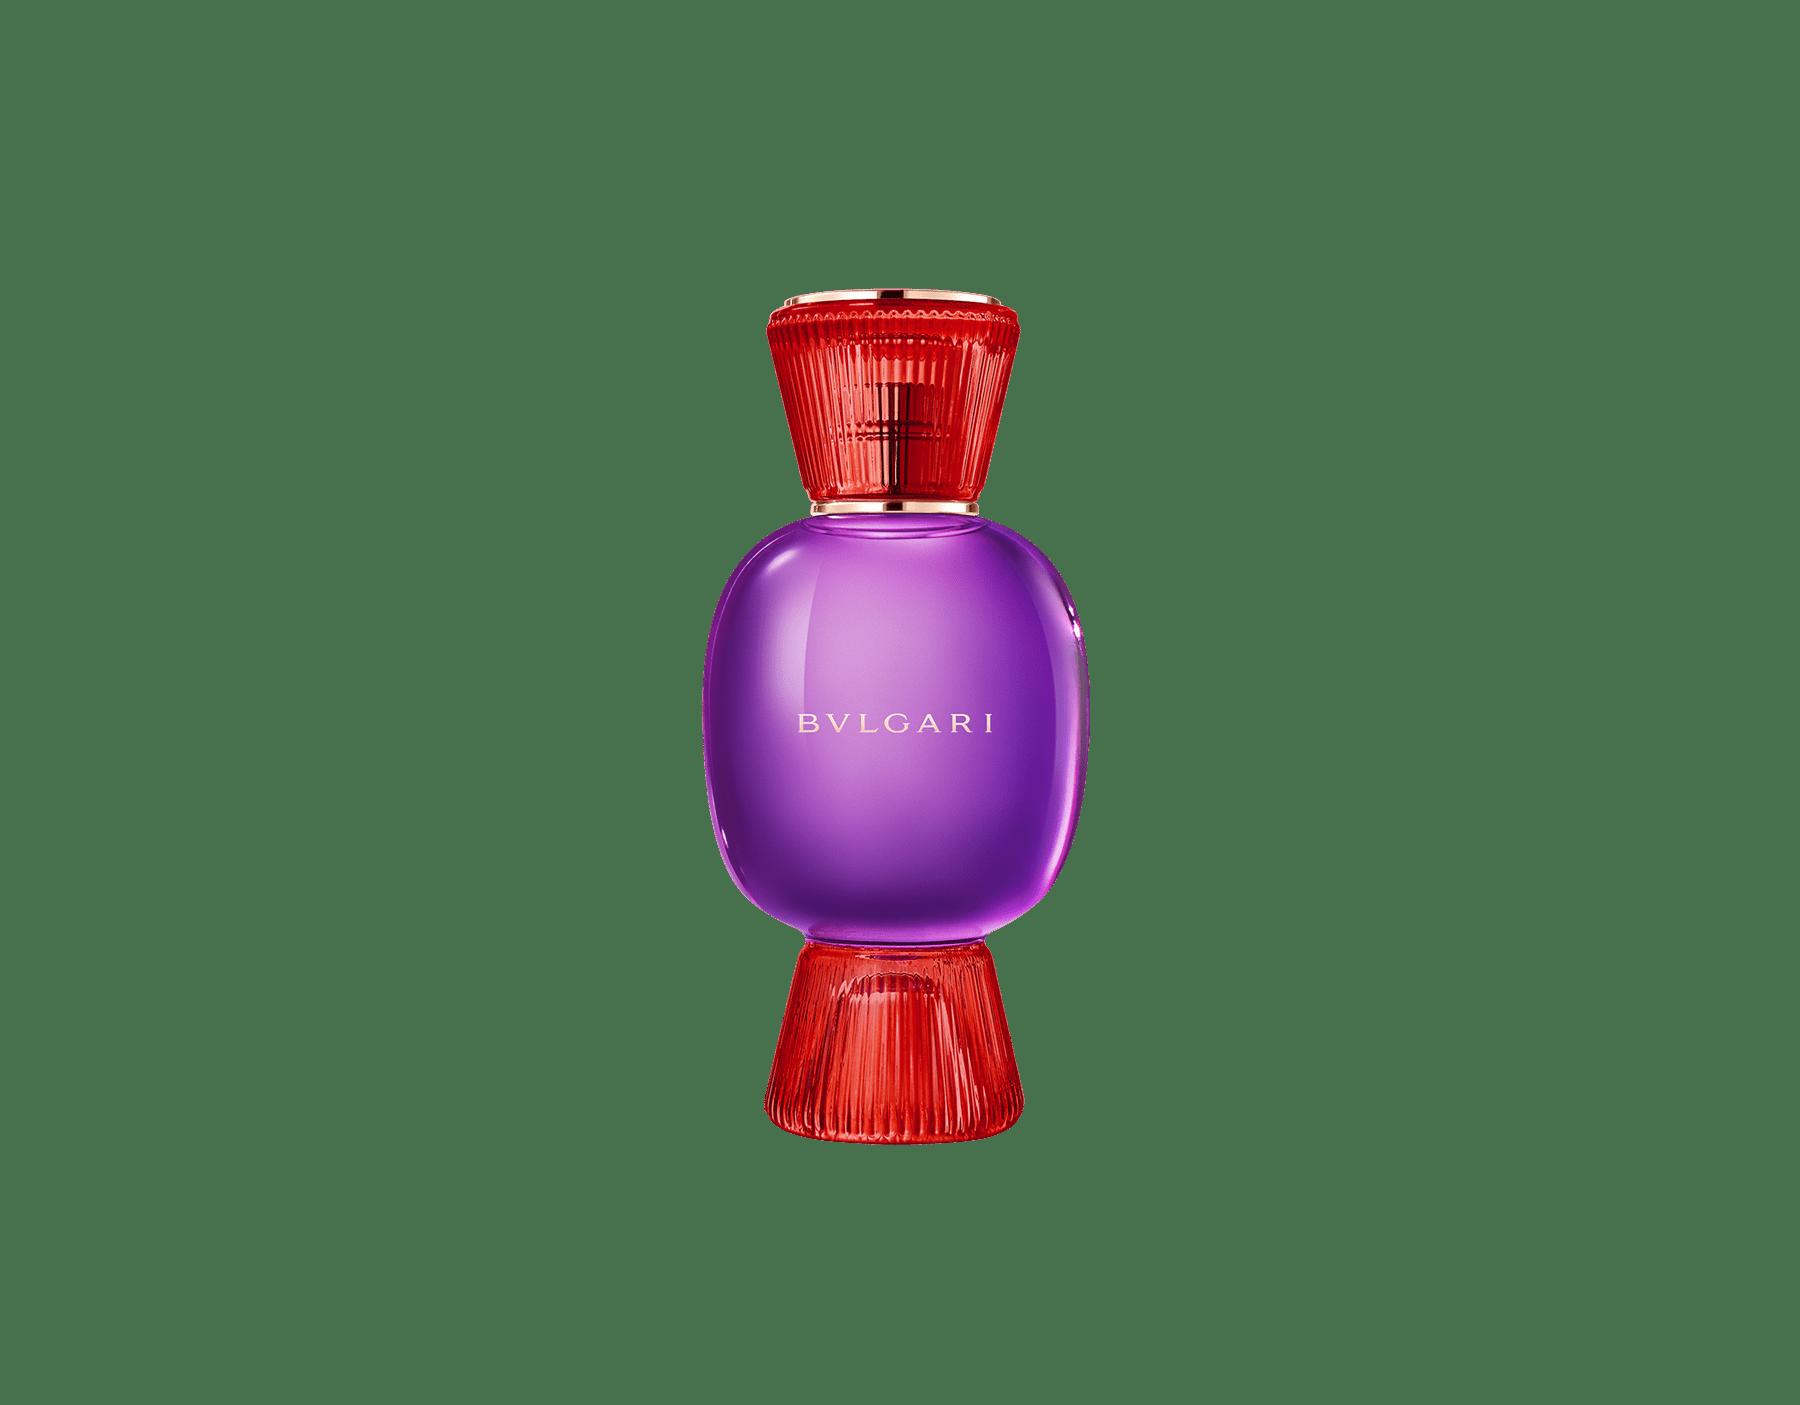 Un coffret de parfums exclusif, aussi unique et audacieux que vous. Chyprée et festive, l'Eau de Parfum Allegra Fantasia Veneta se mêle aux arômes addictifs de l'essence du Magnifying Vanilla pour donner vie à une irrésistible fragrance personnalisée. Perfume-Set-Fantasia-Veneta-Eau-de-Parfum-and-Vanilla-Magnifying image 2